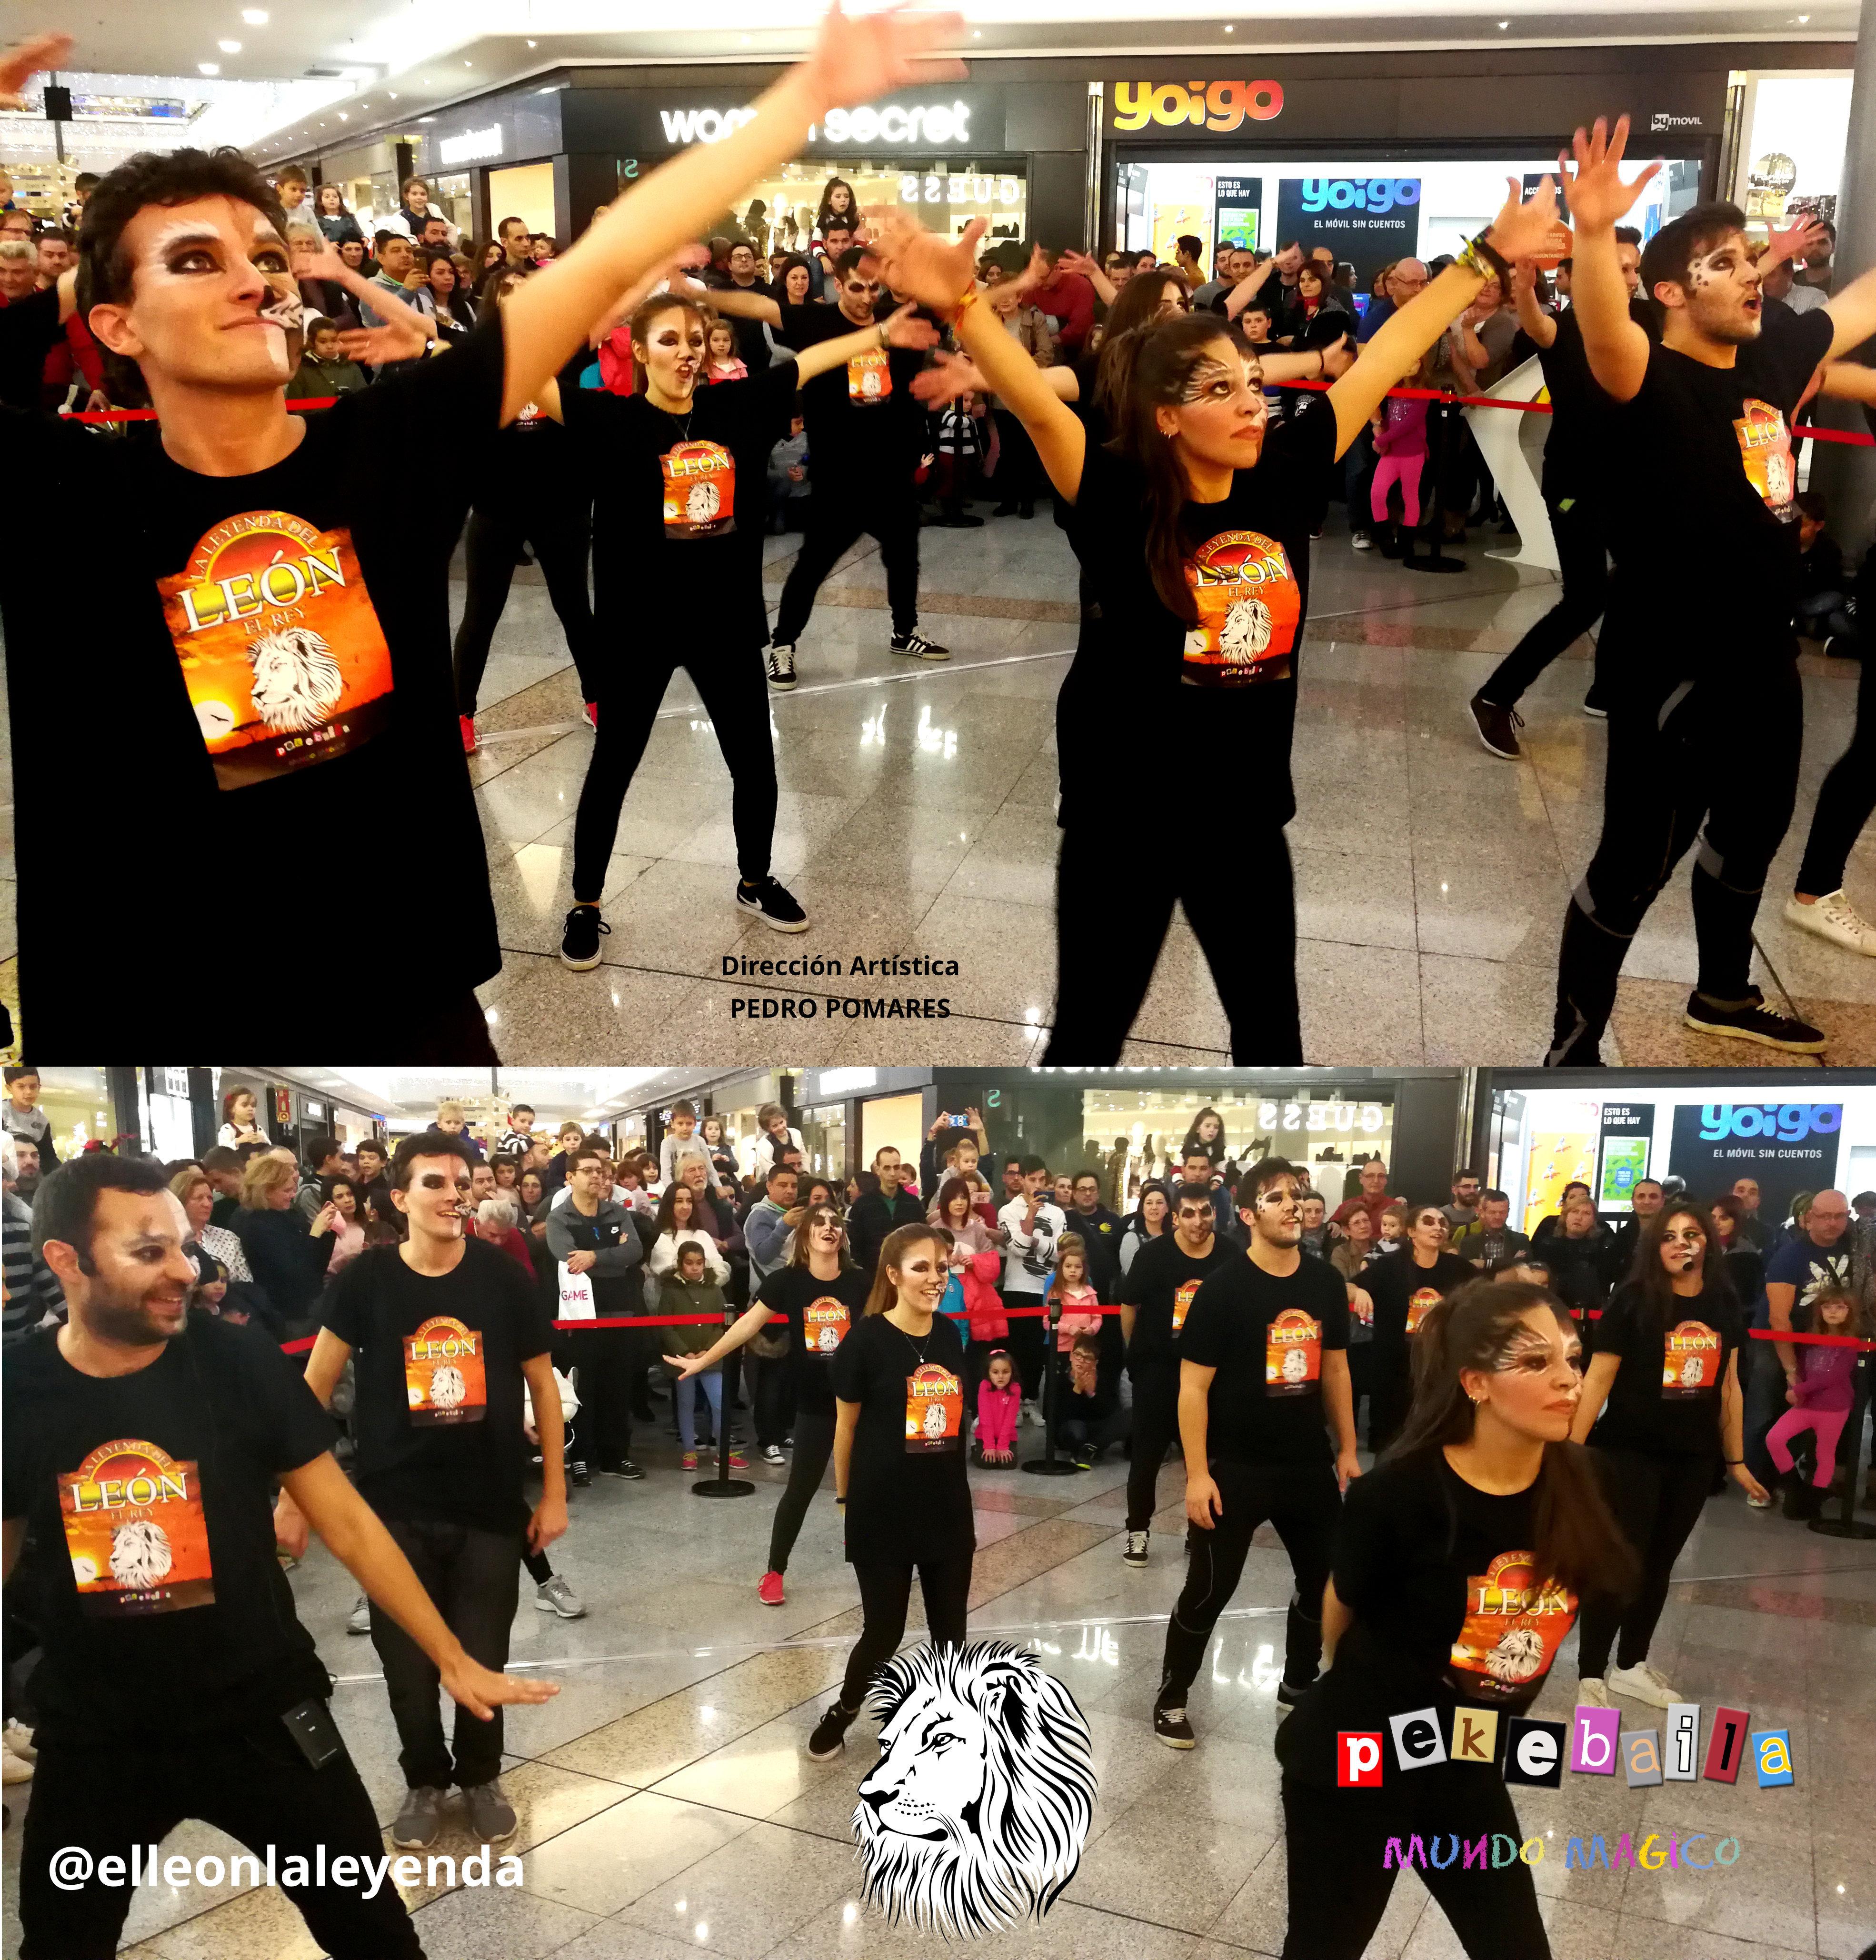 @elleonlayenda flashmob promo.jpg r.jpe3